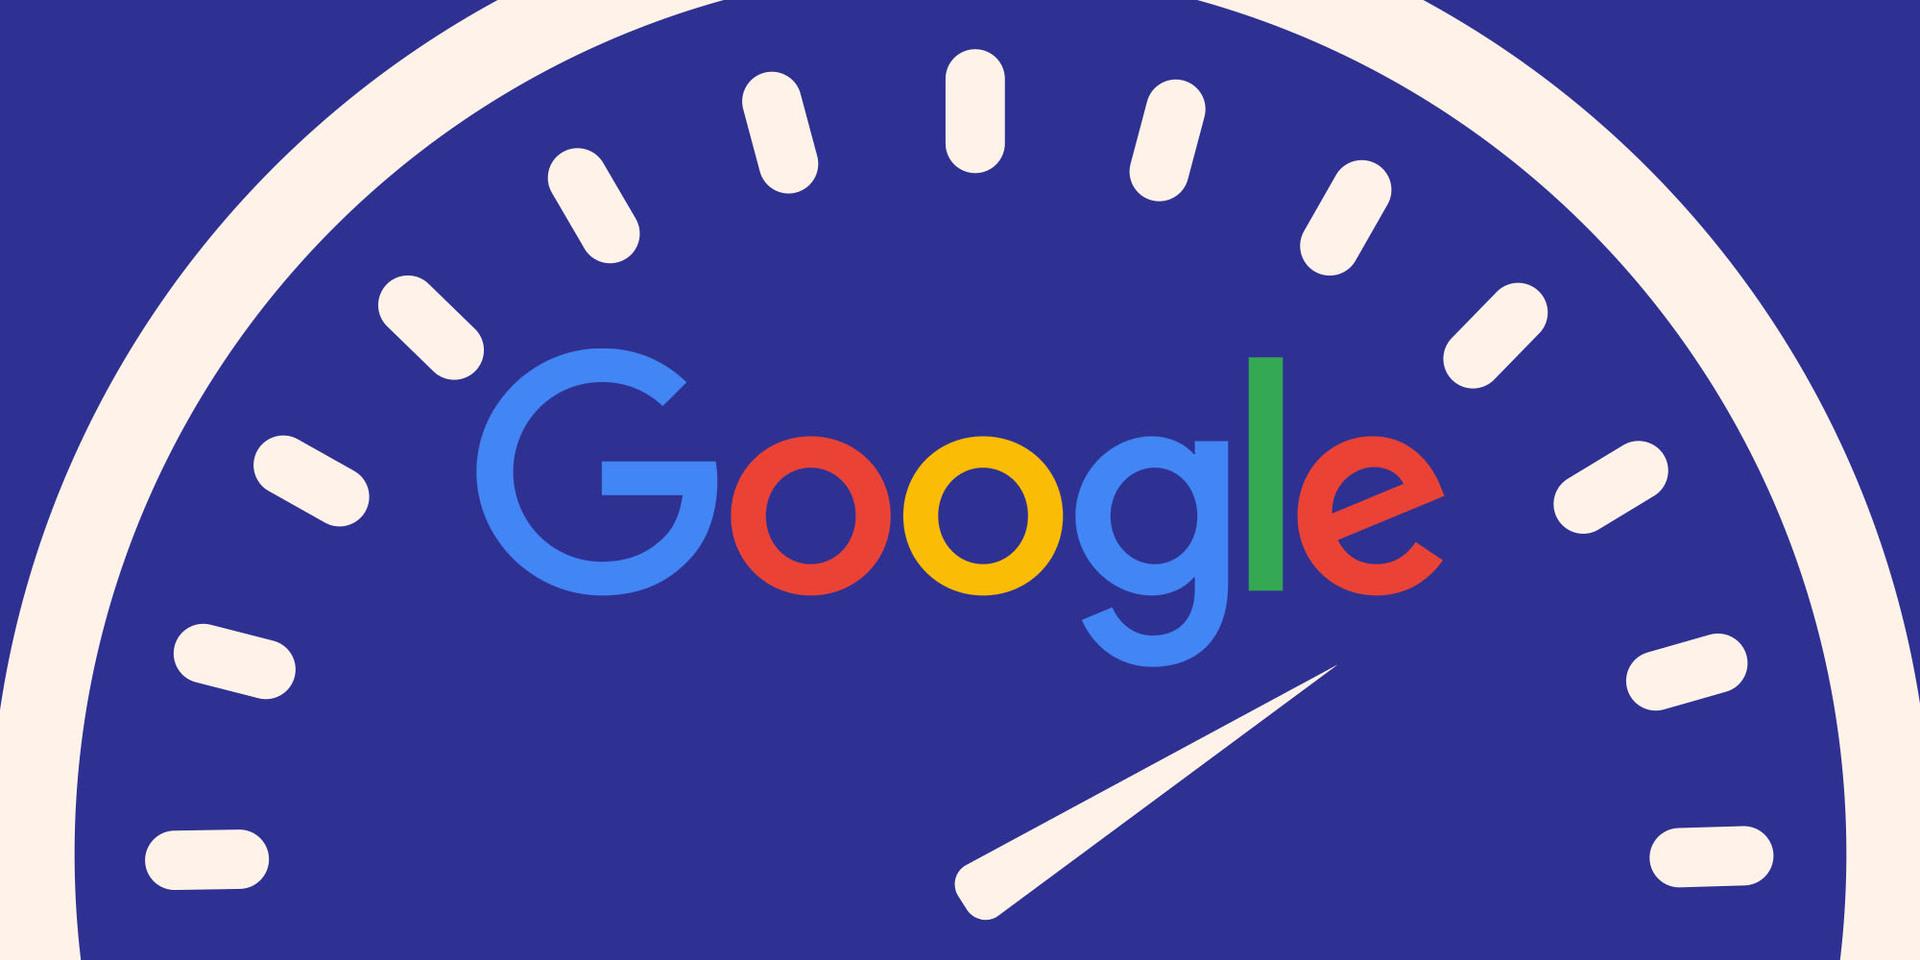 Библиотека Google Benchmark - 1